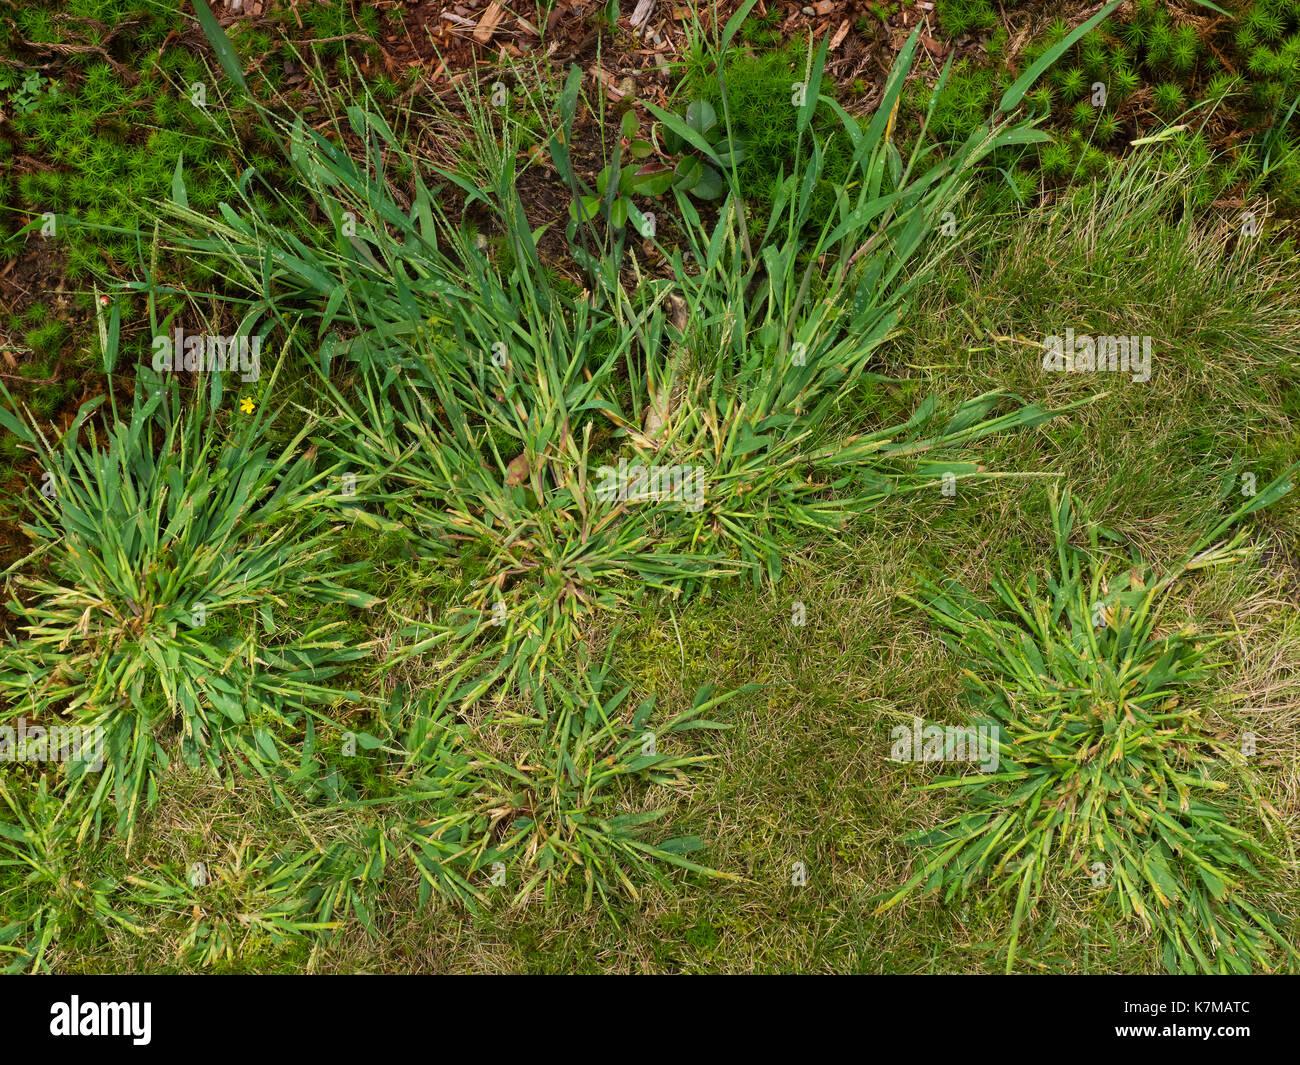 Nahaufnahme Von Crabgrass Unkraut In Meinem Garten Stockfoto Bild